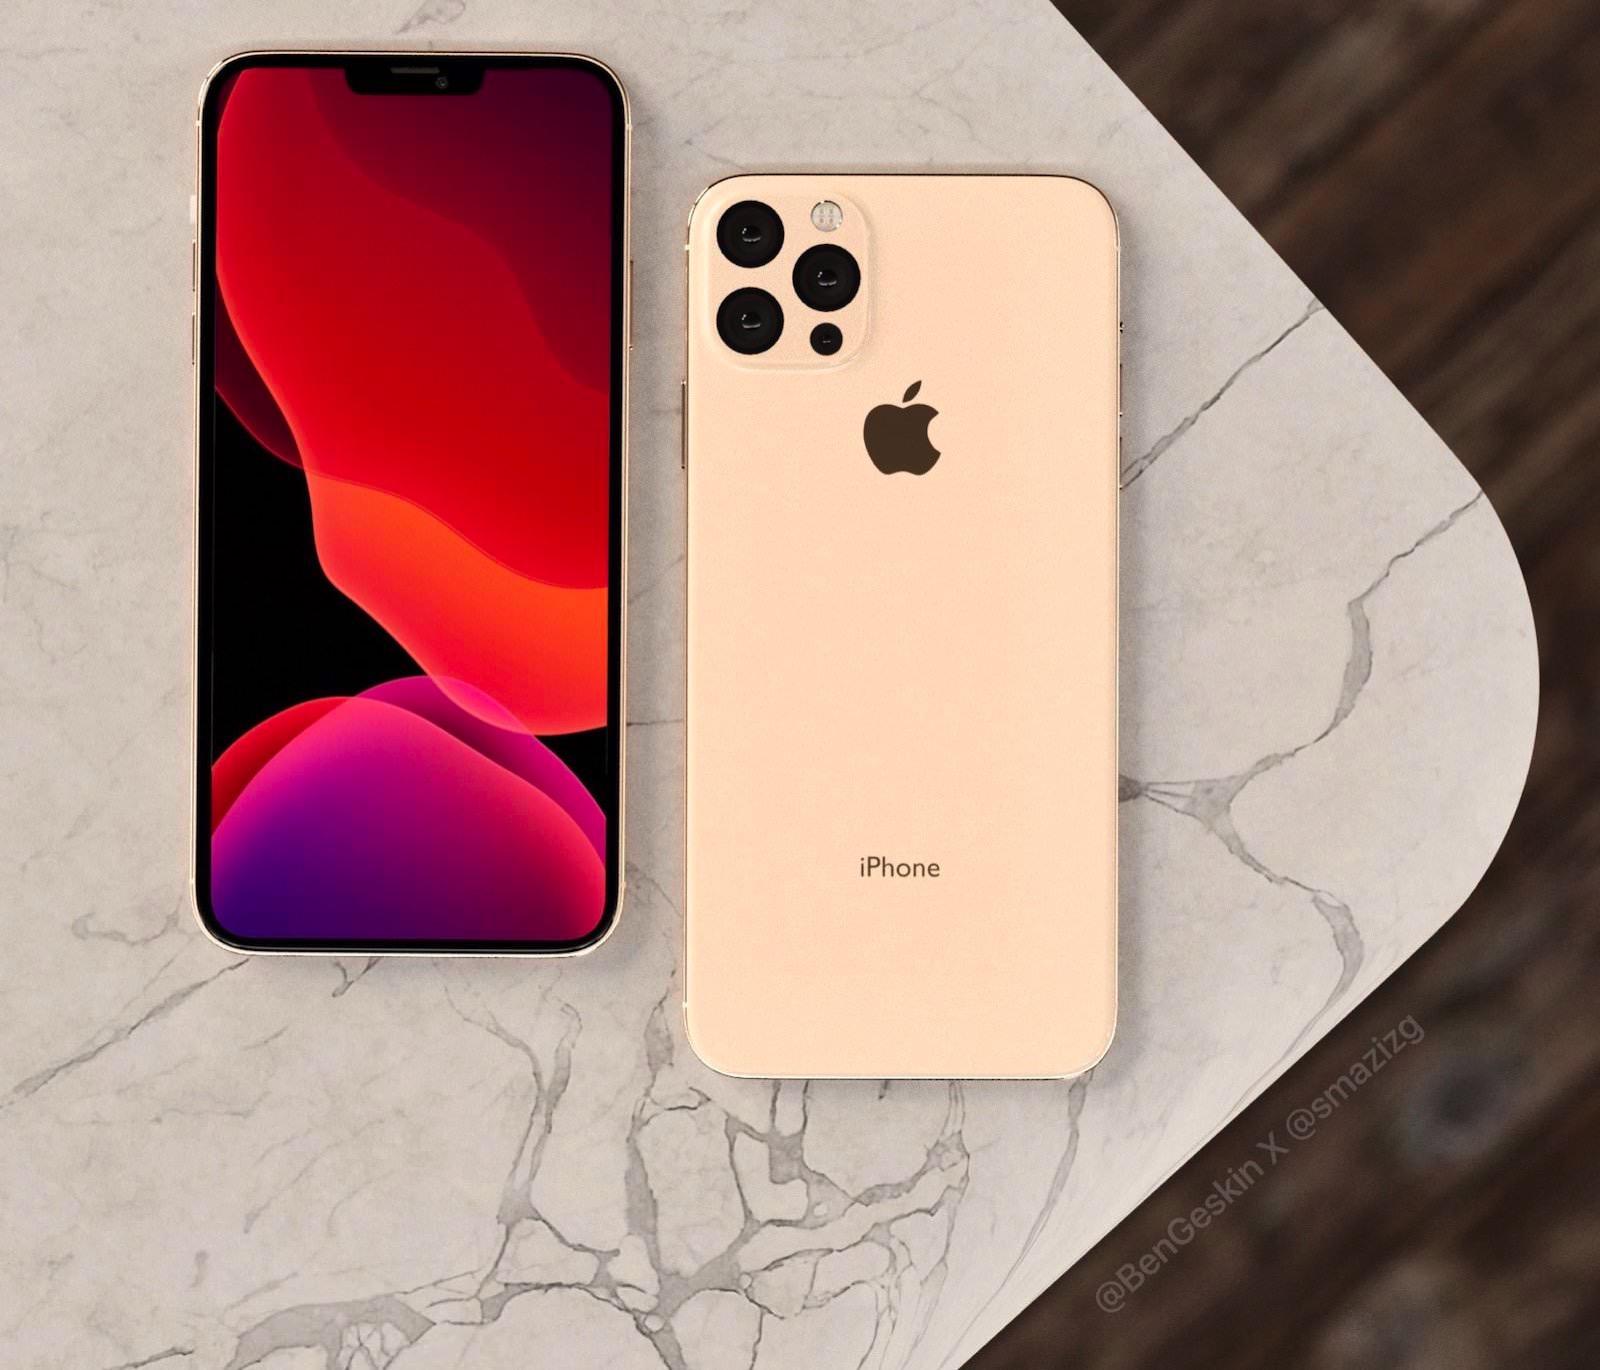 2020 iphone renderings